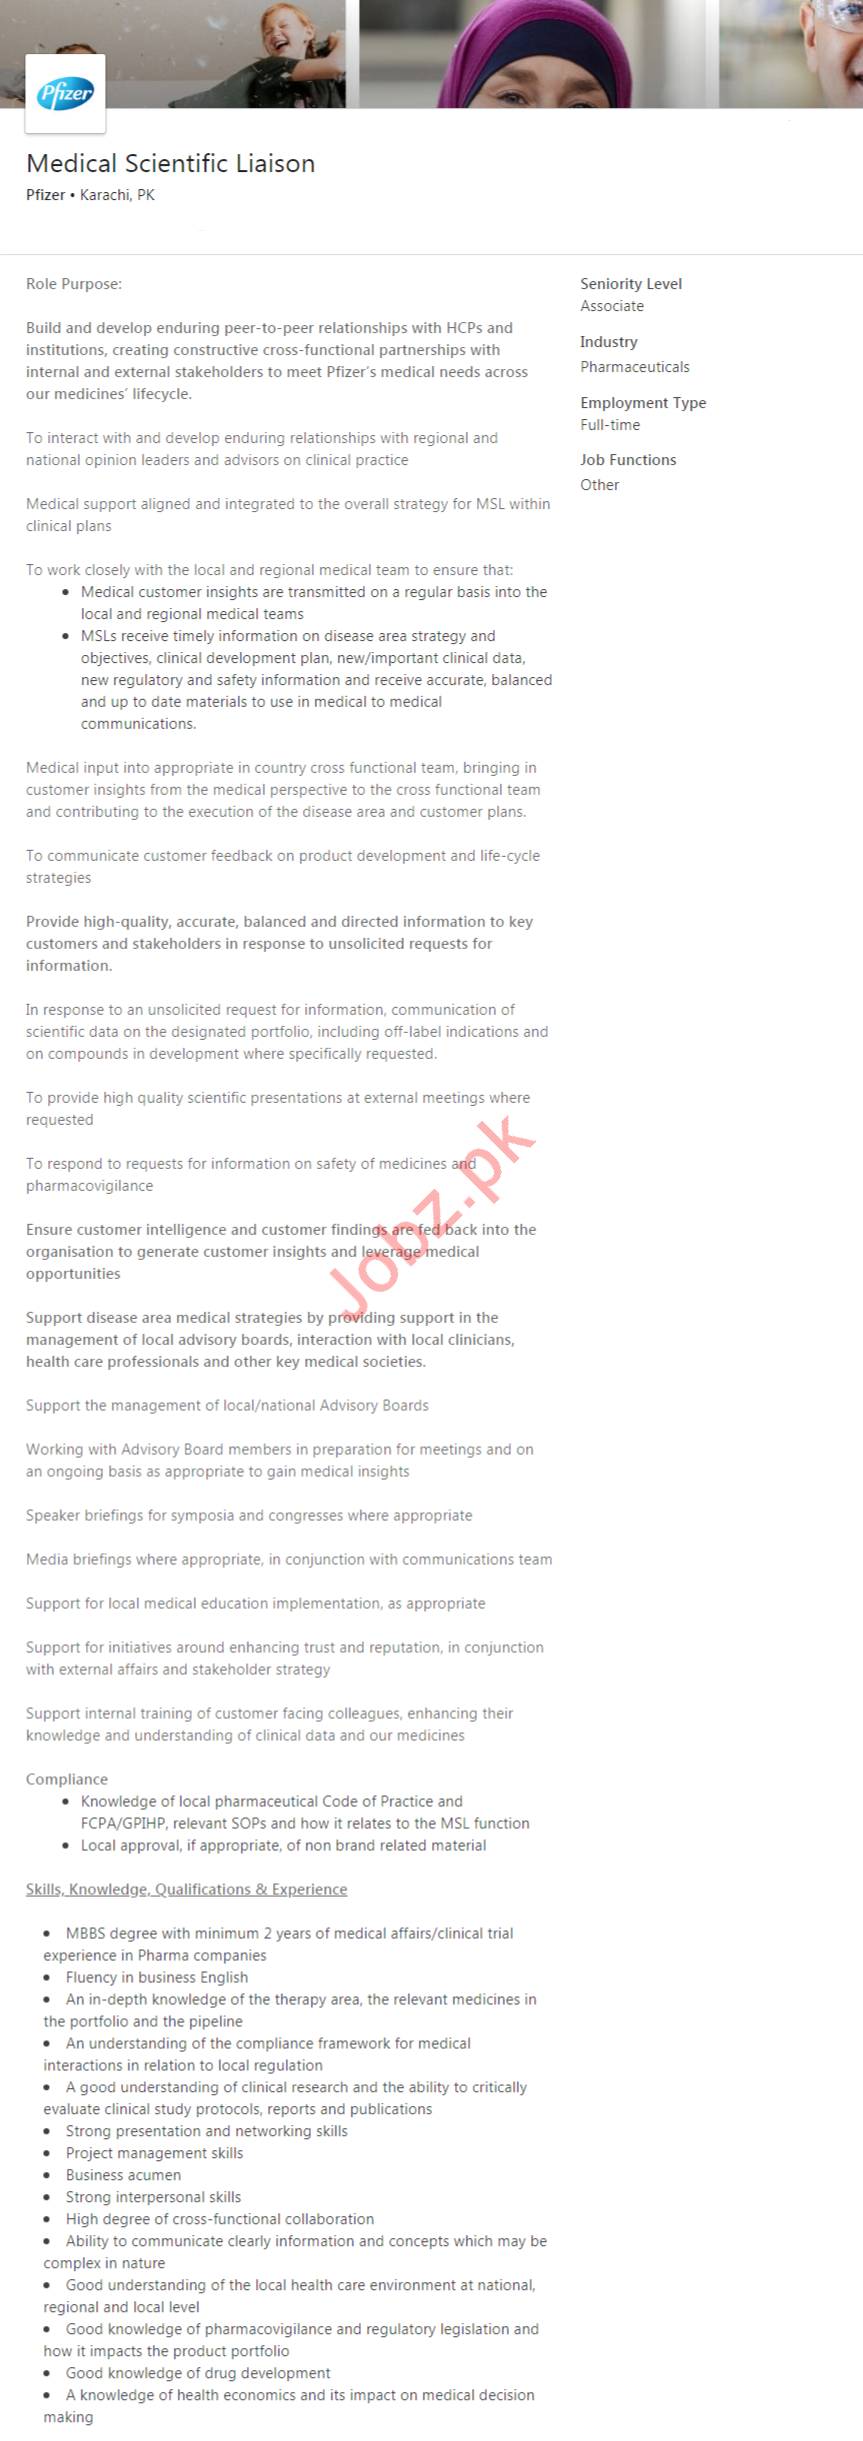 Medical Scientific Liaison Job 2020 in Karachi